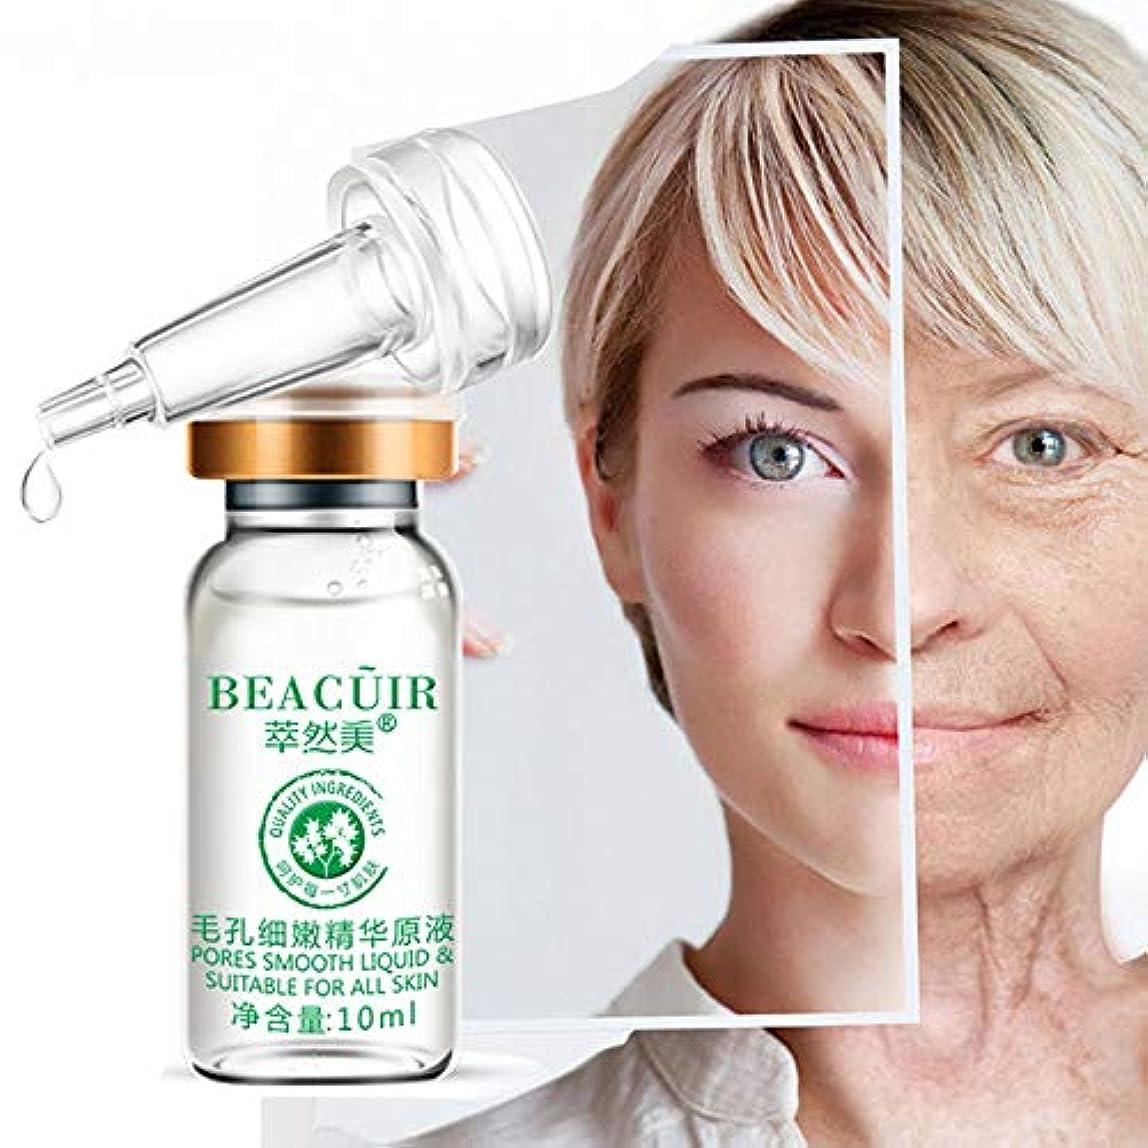 閉じるランク文字Akane BEACUIR 天然 水分 肌の明るさ 修復 美白 繊細 しわ取り 毛穴縮小 保湿 黒ずみ 角質除去 肌荒れ防止 くすんだ肌を改善し エッセンス 10ml